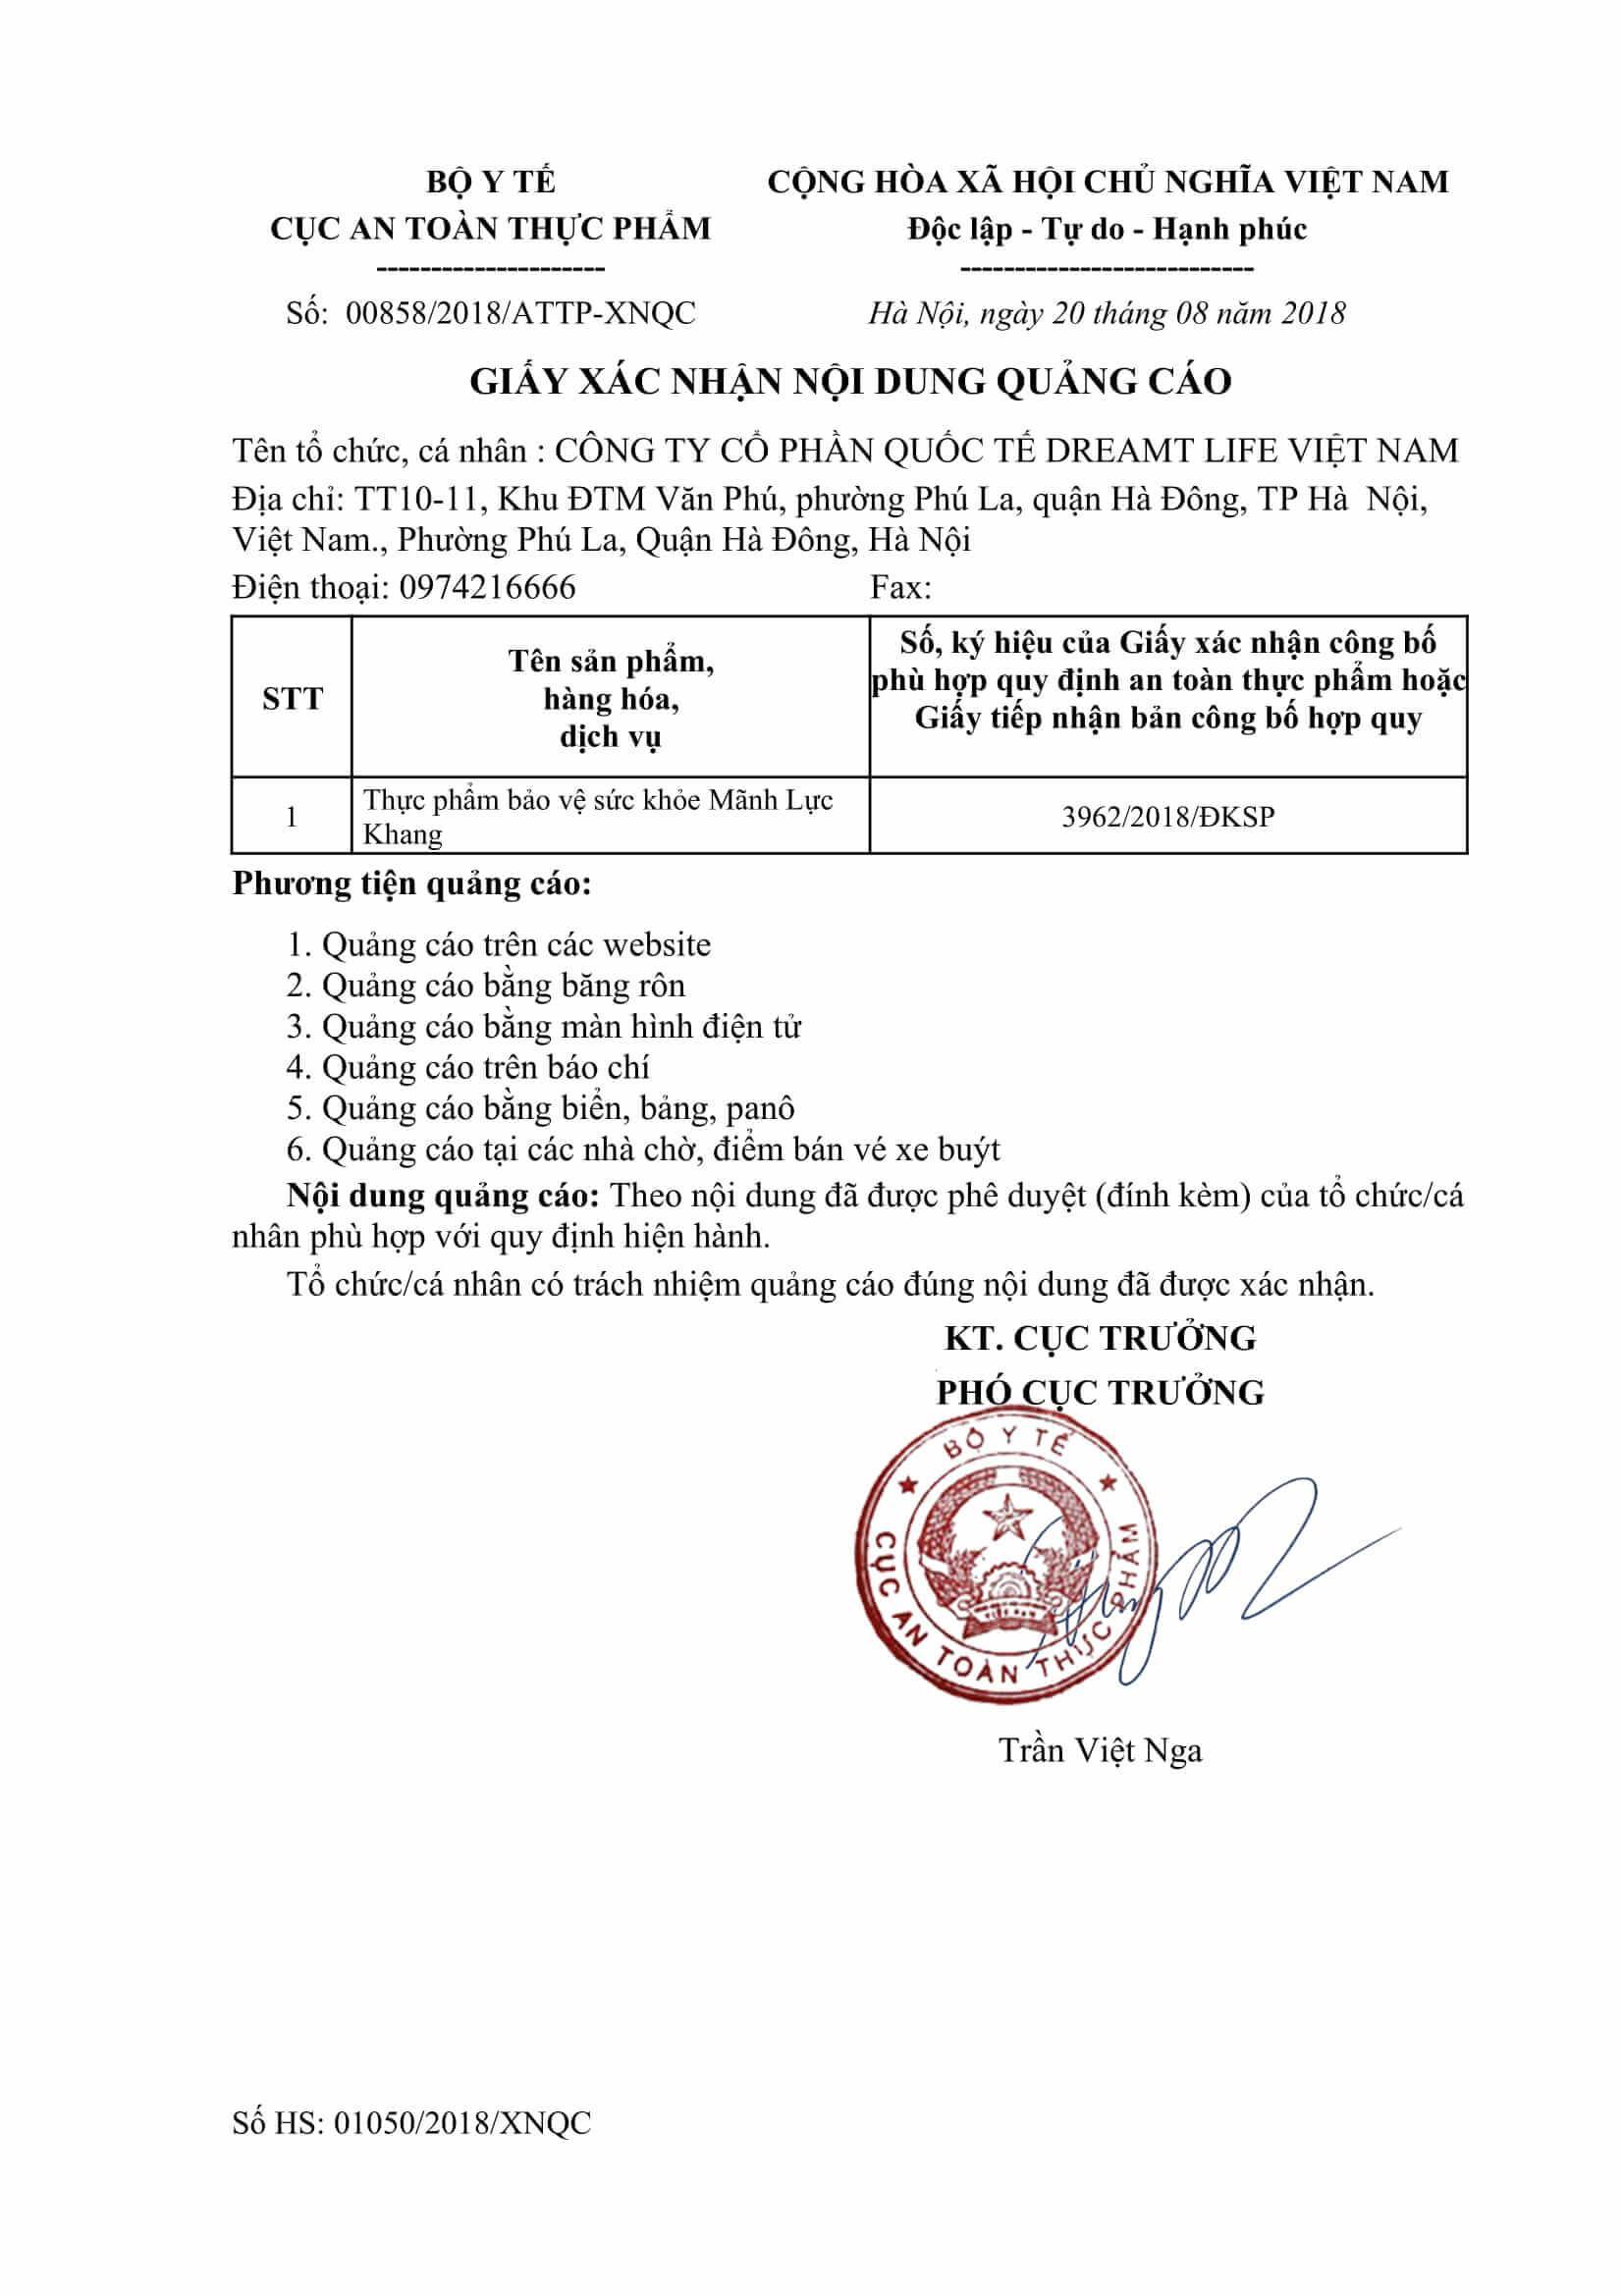 ngac-nhien-manh-luc-khang-co-tot-khong-mua-o-dau-gia-bao-nhieu-11